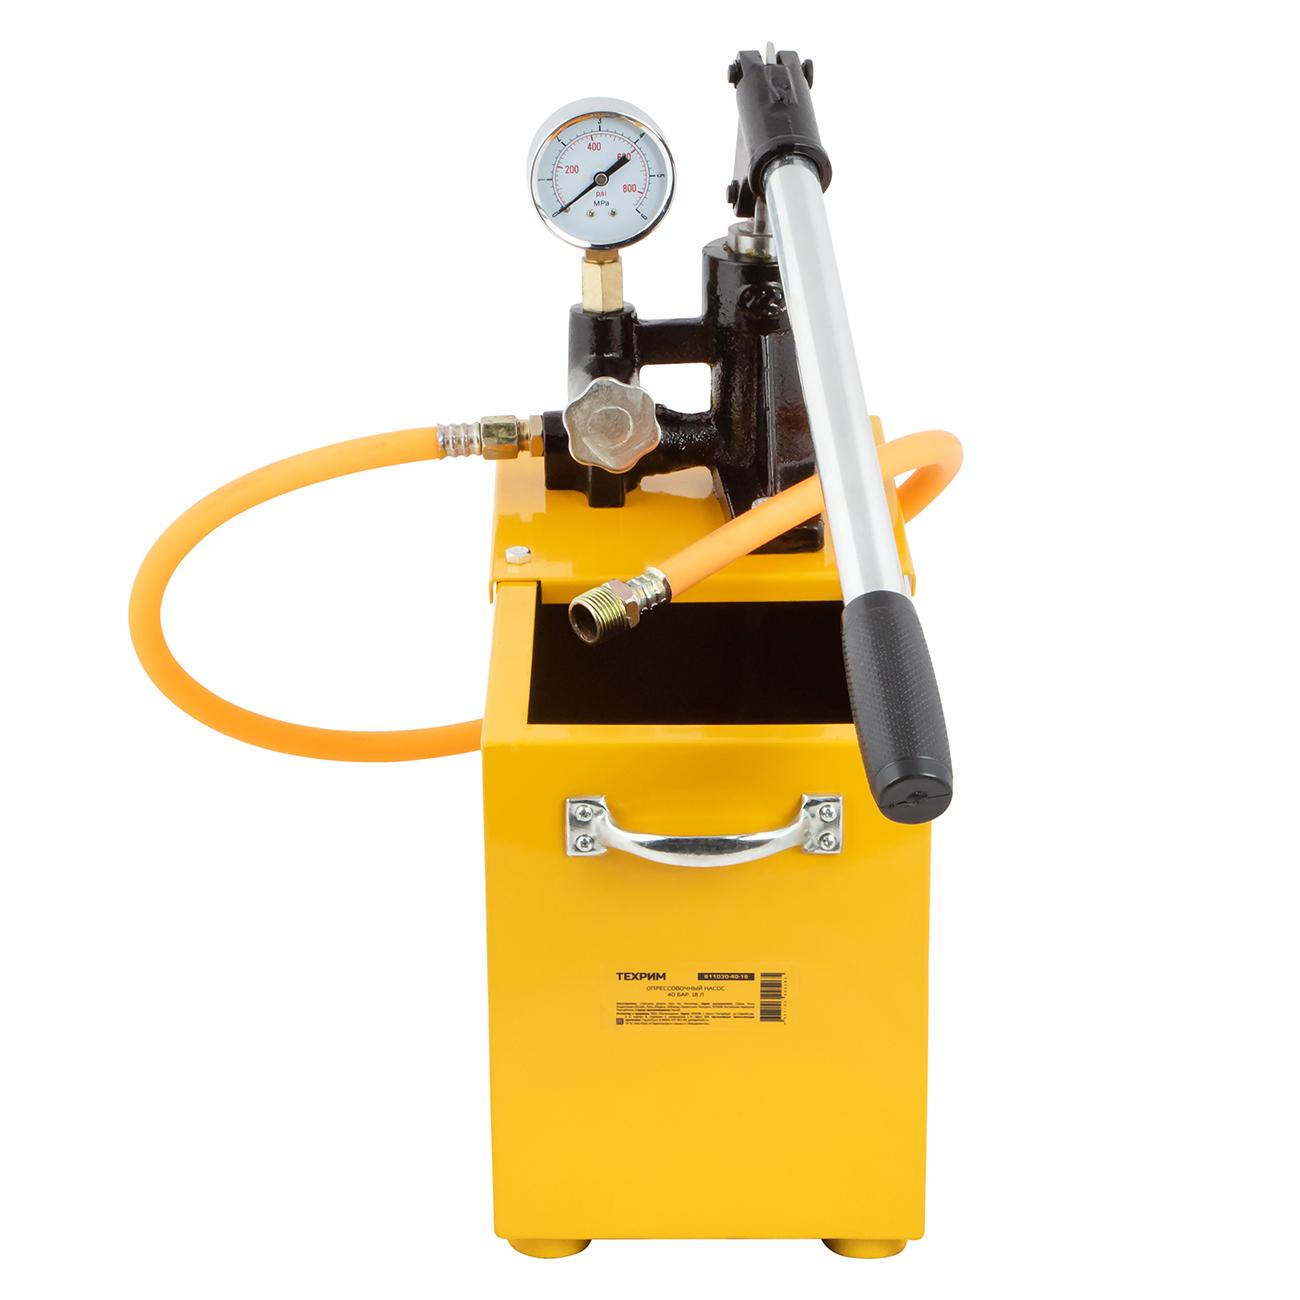 Насос для опрессовки системы отопления: аппарат промывочный и воздушный, снип